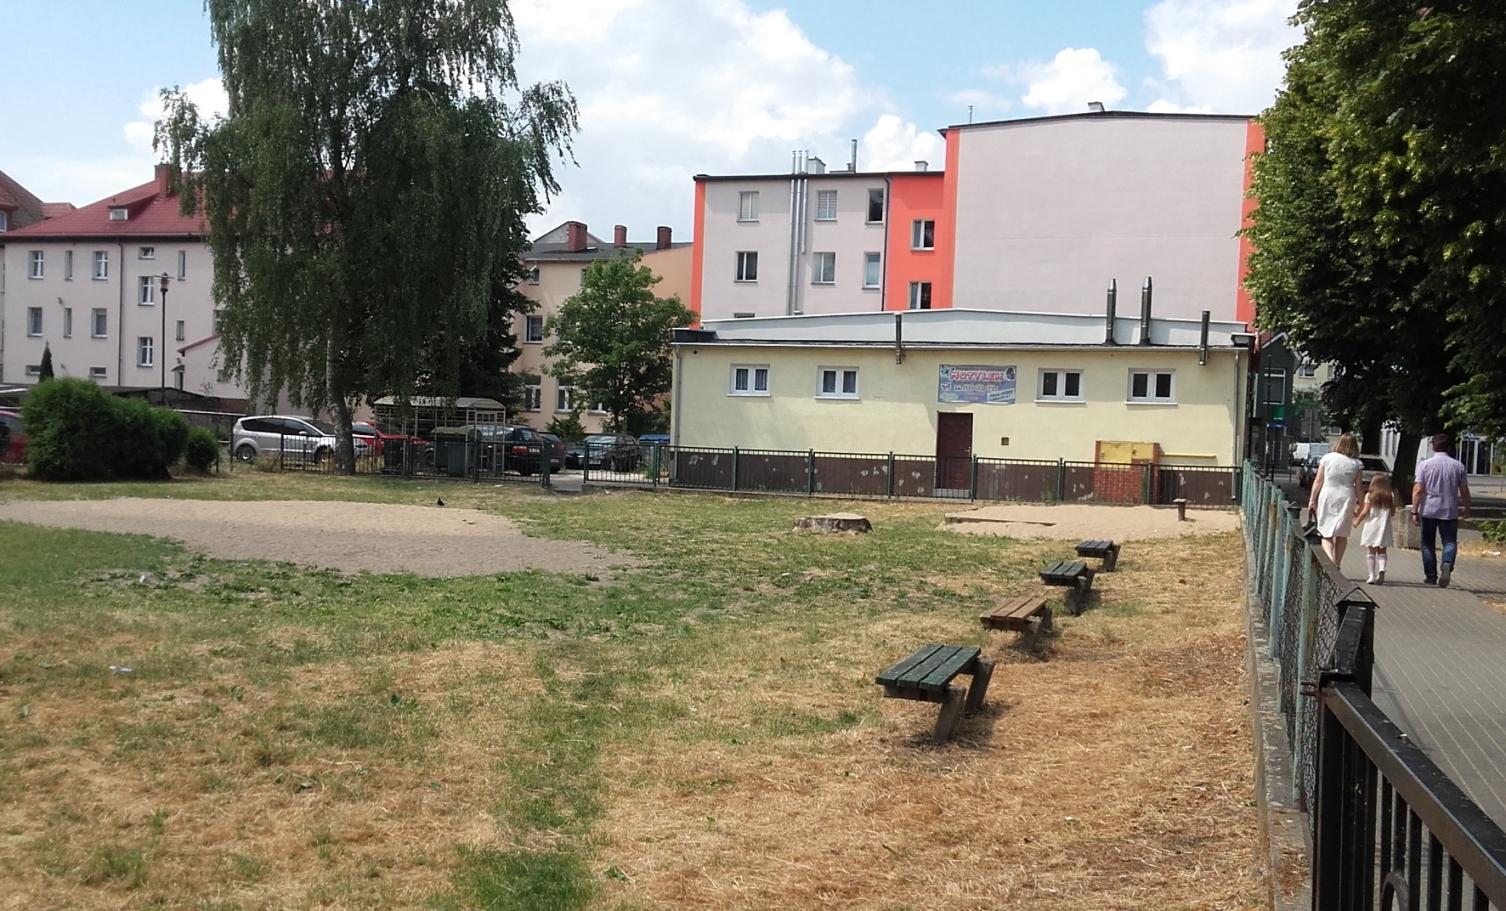 Projekt pn. Utworzenie integracyjnego placu zabaw przy ul.Raczyńskiego